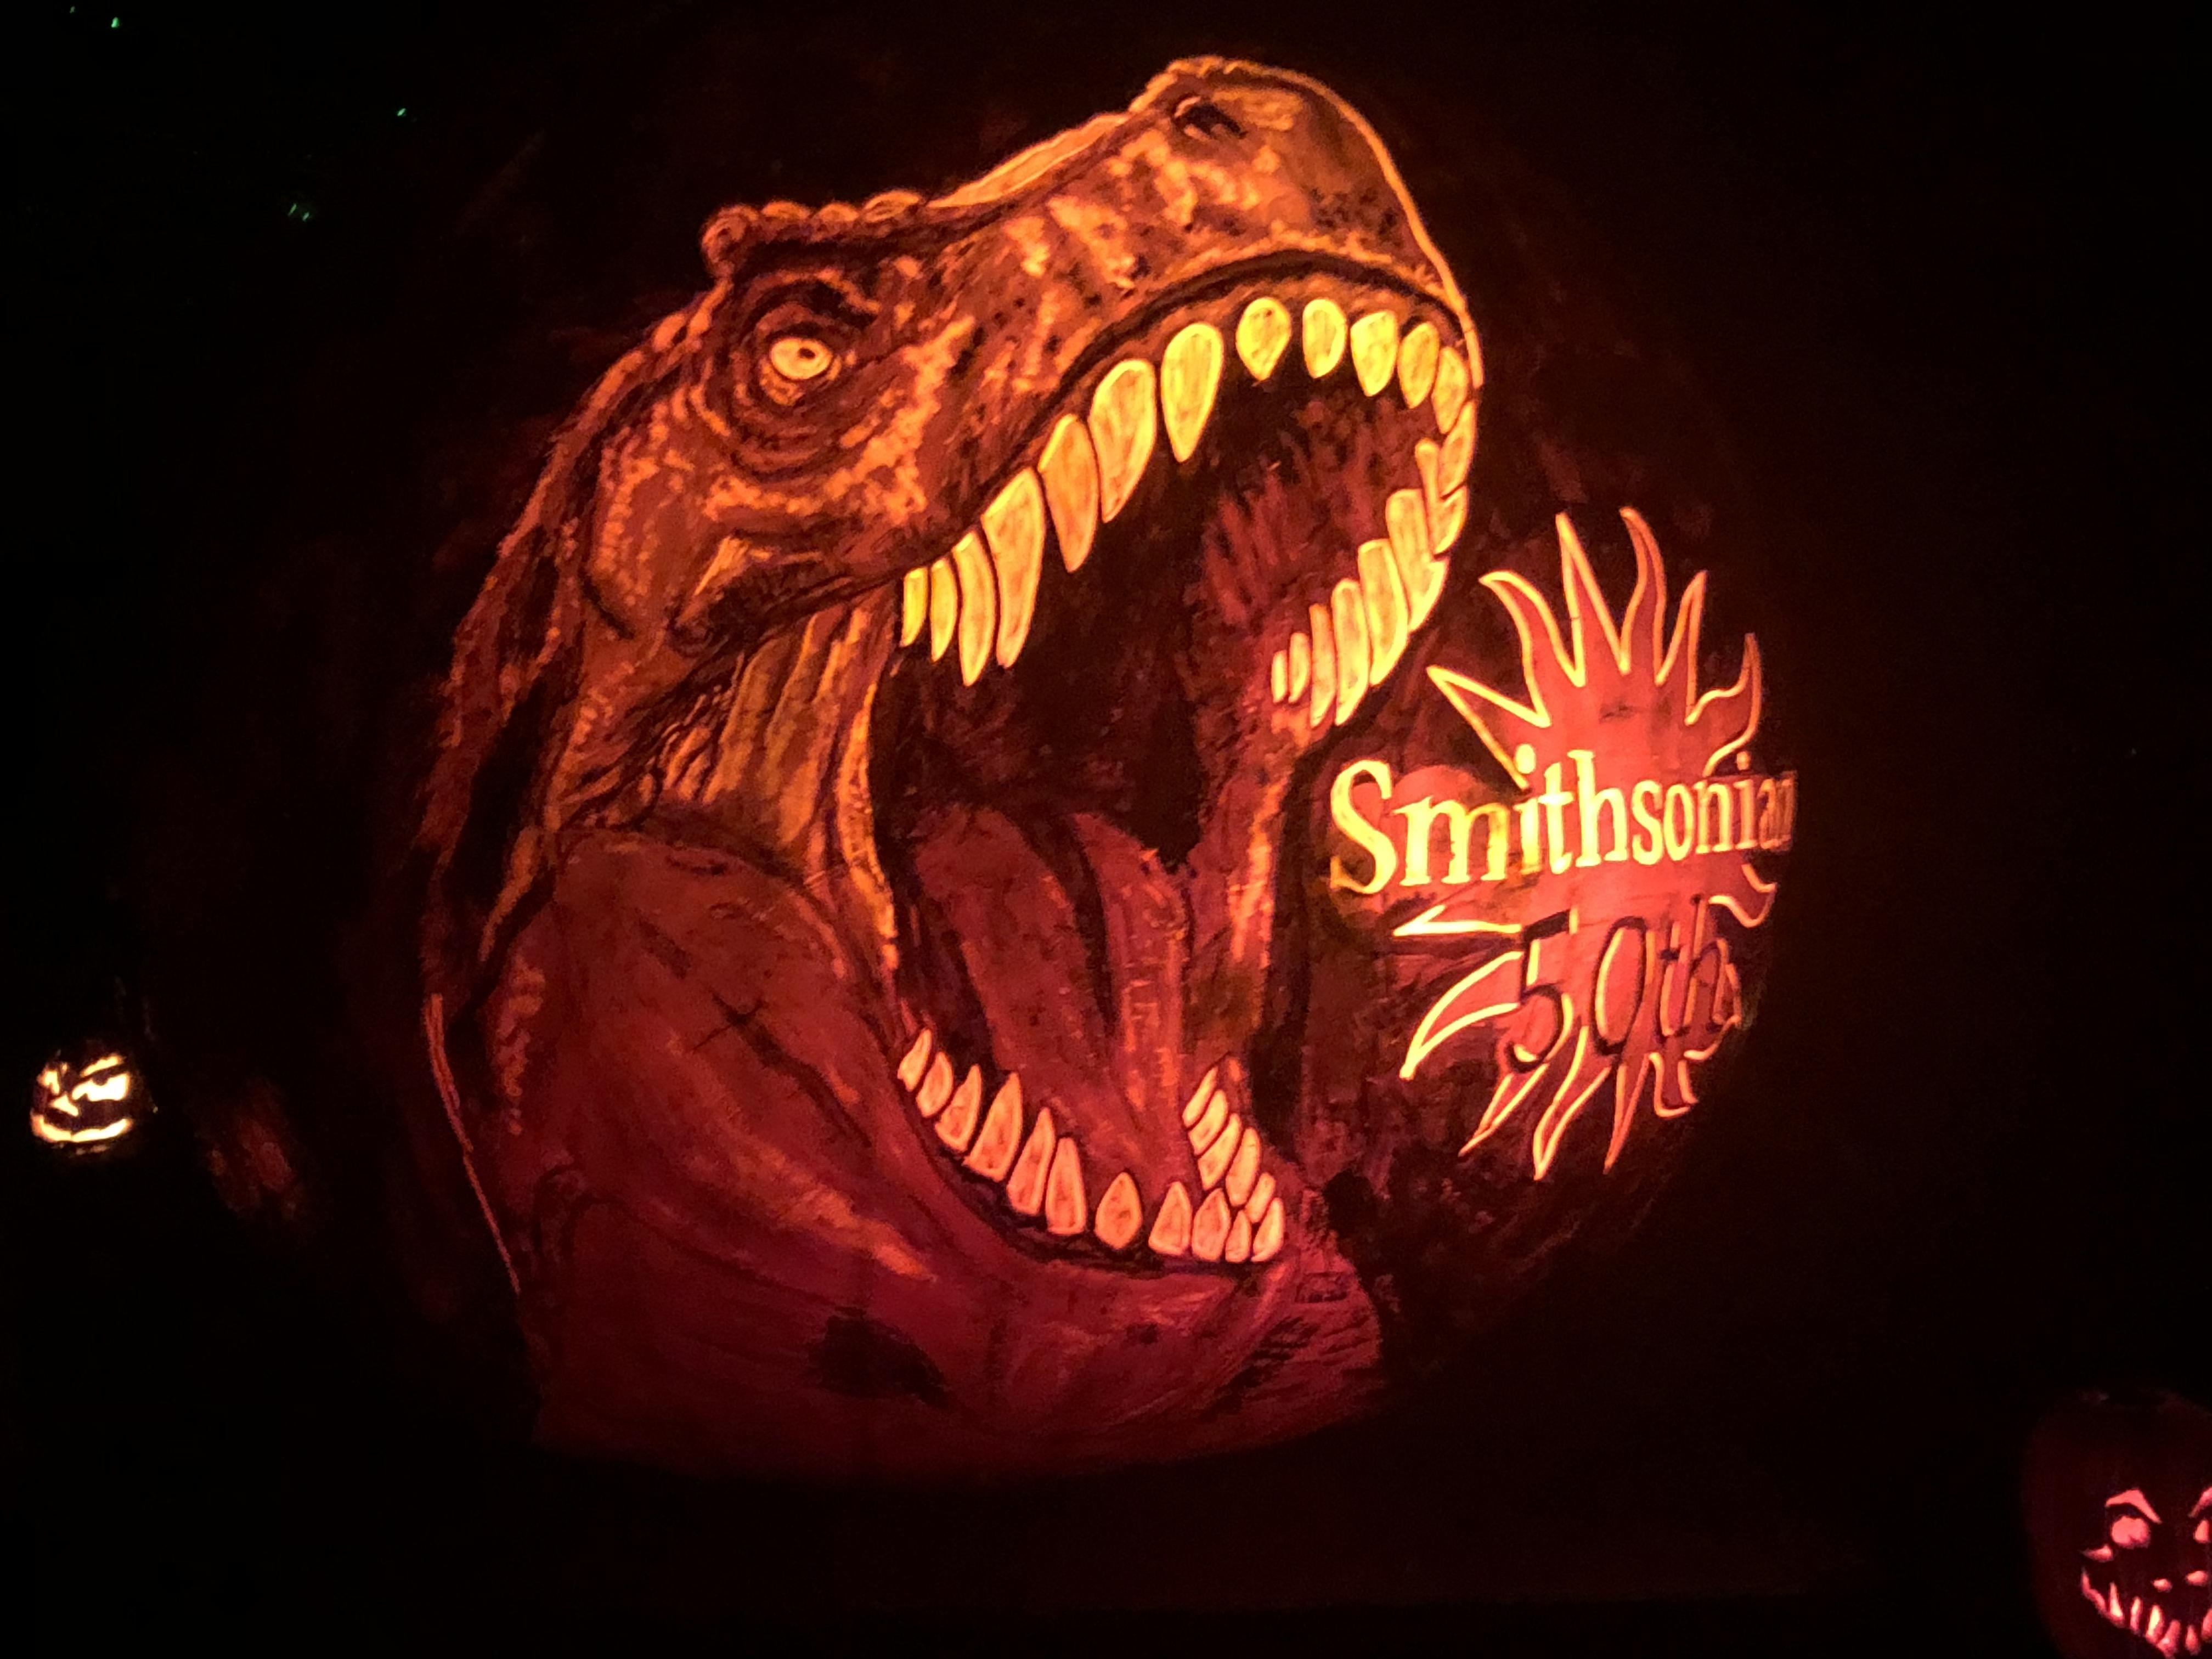 Smithsonian theme pumpkin